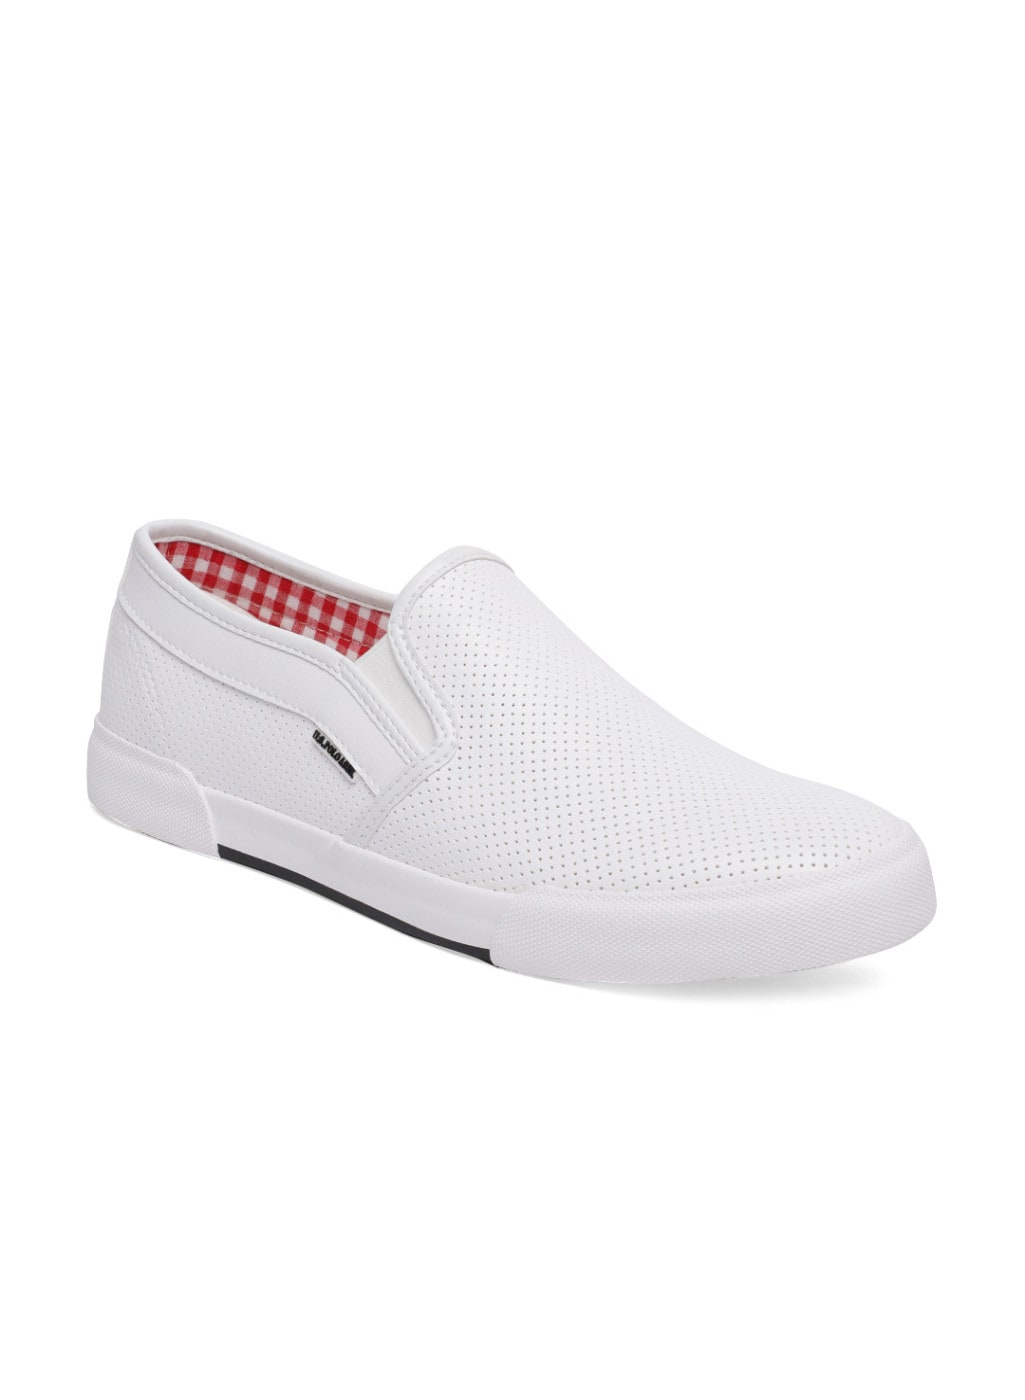 Buy U.S. Polo Assn. White Slip-On